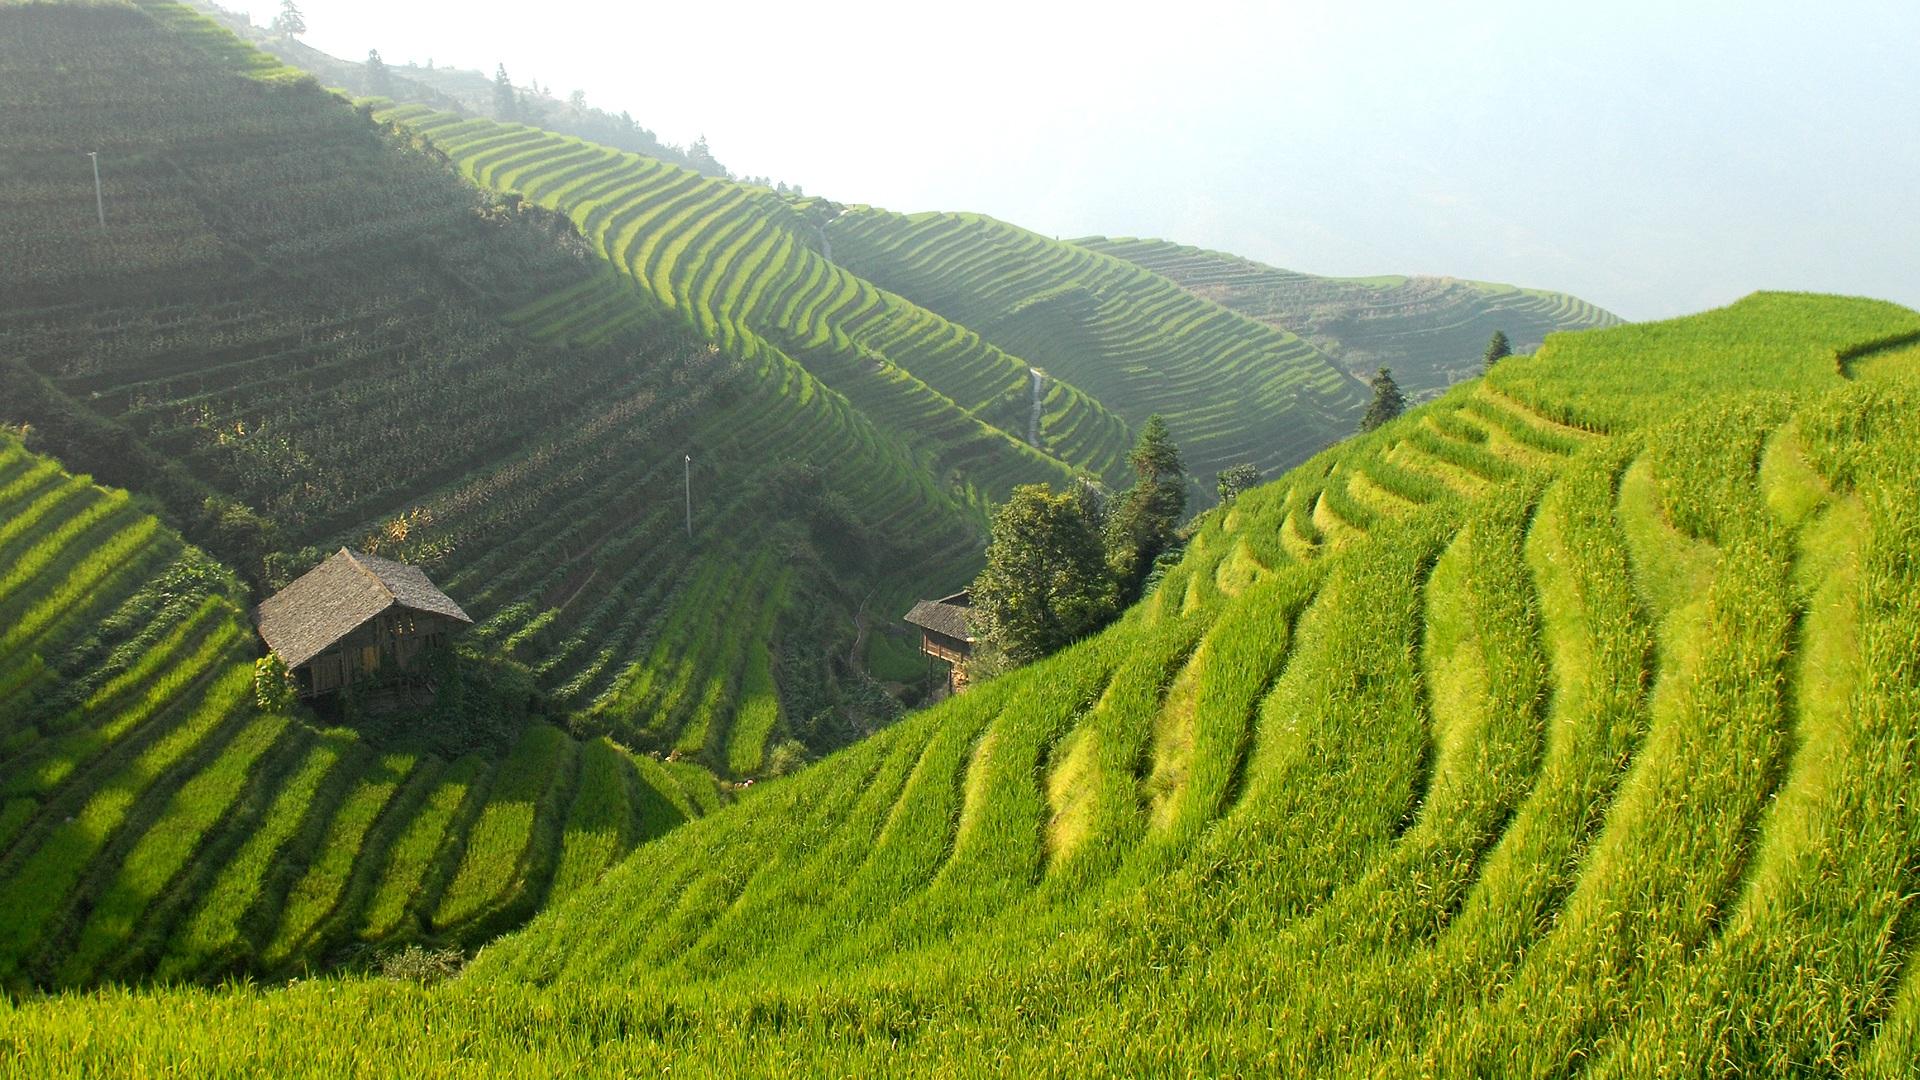 Fotos Gratis Paisaje Viñedo Verde Pastar Suelo